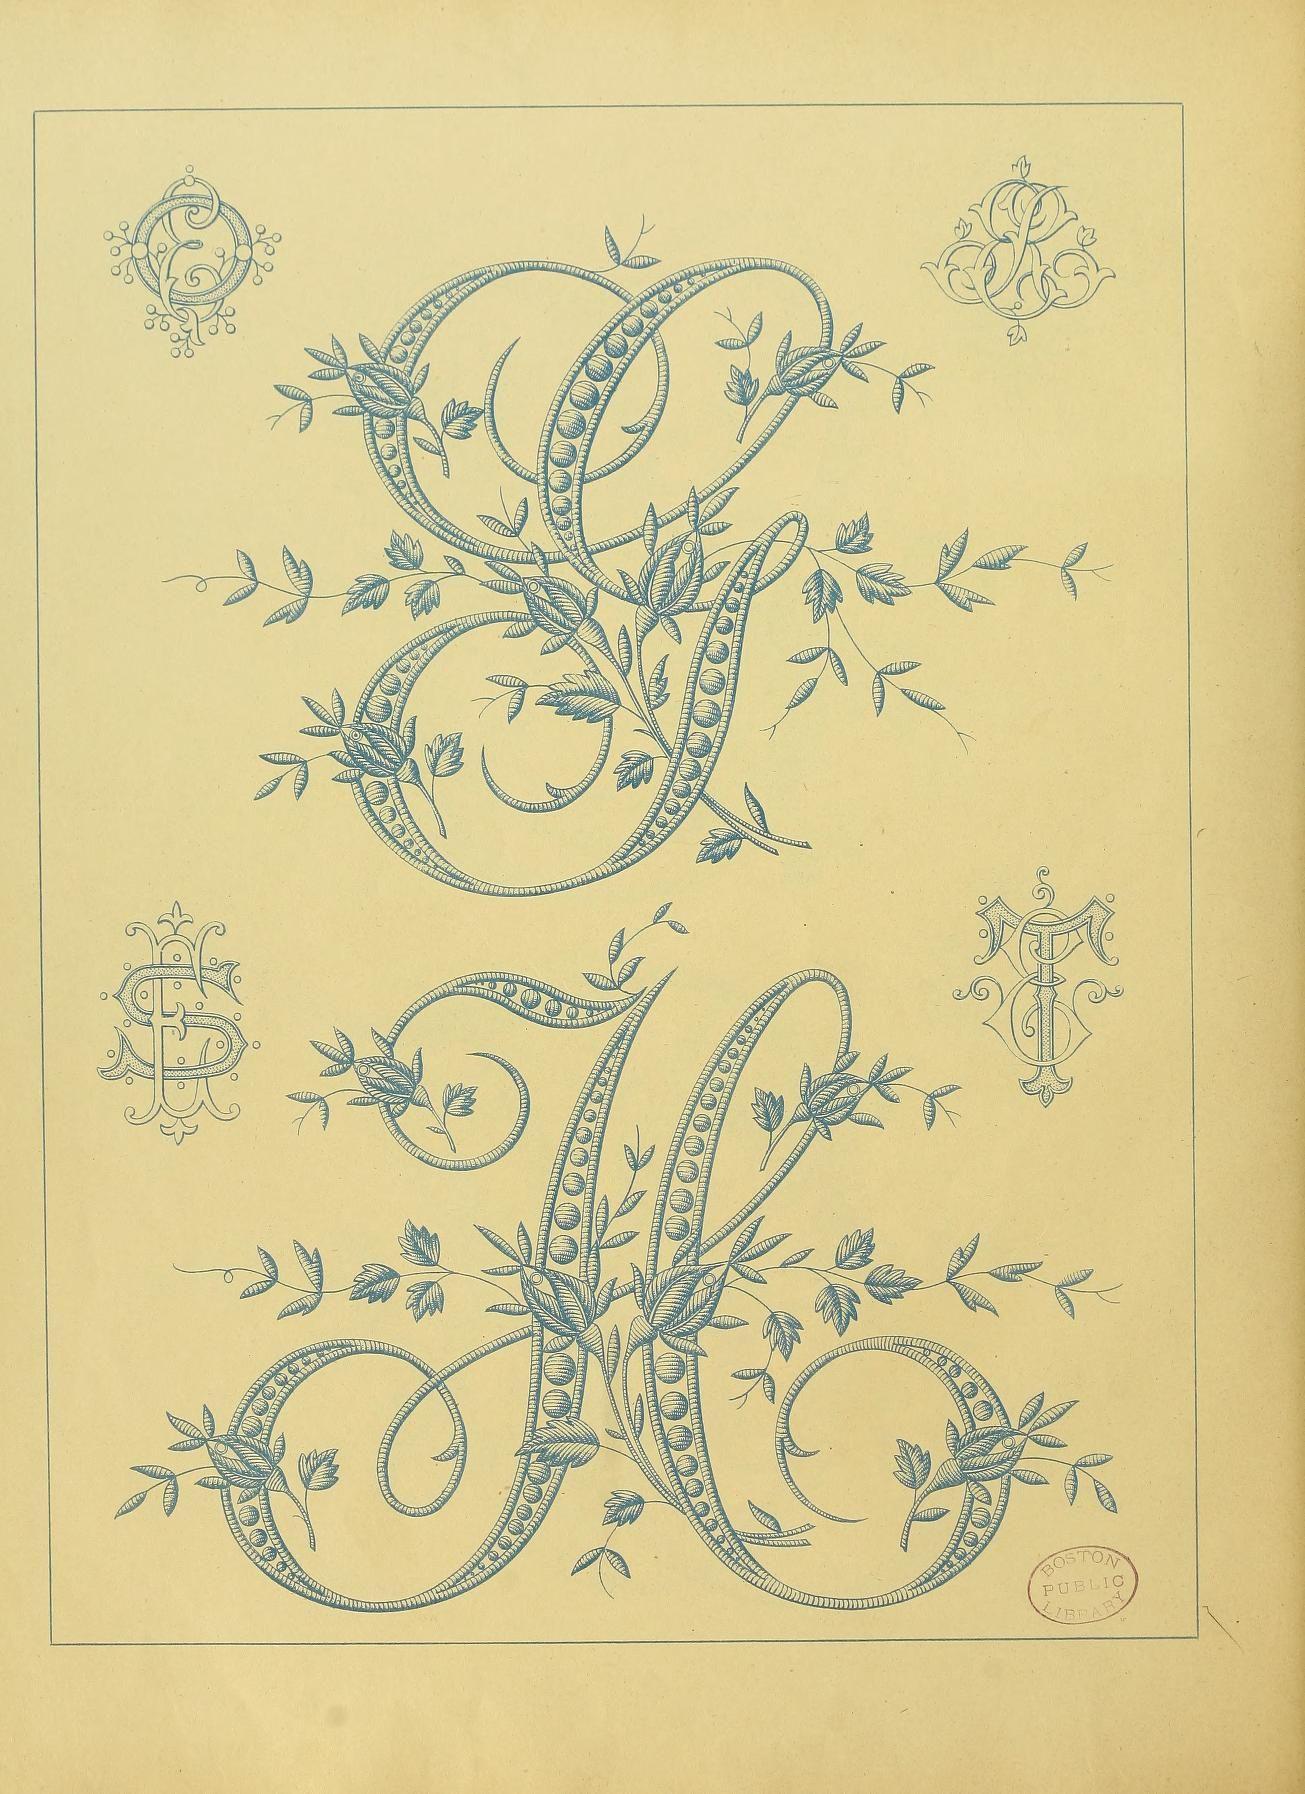 Lart dans la lingerie dessins de broderie embroidery